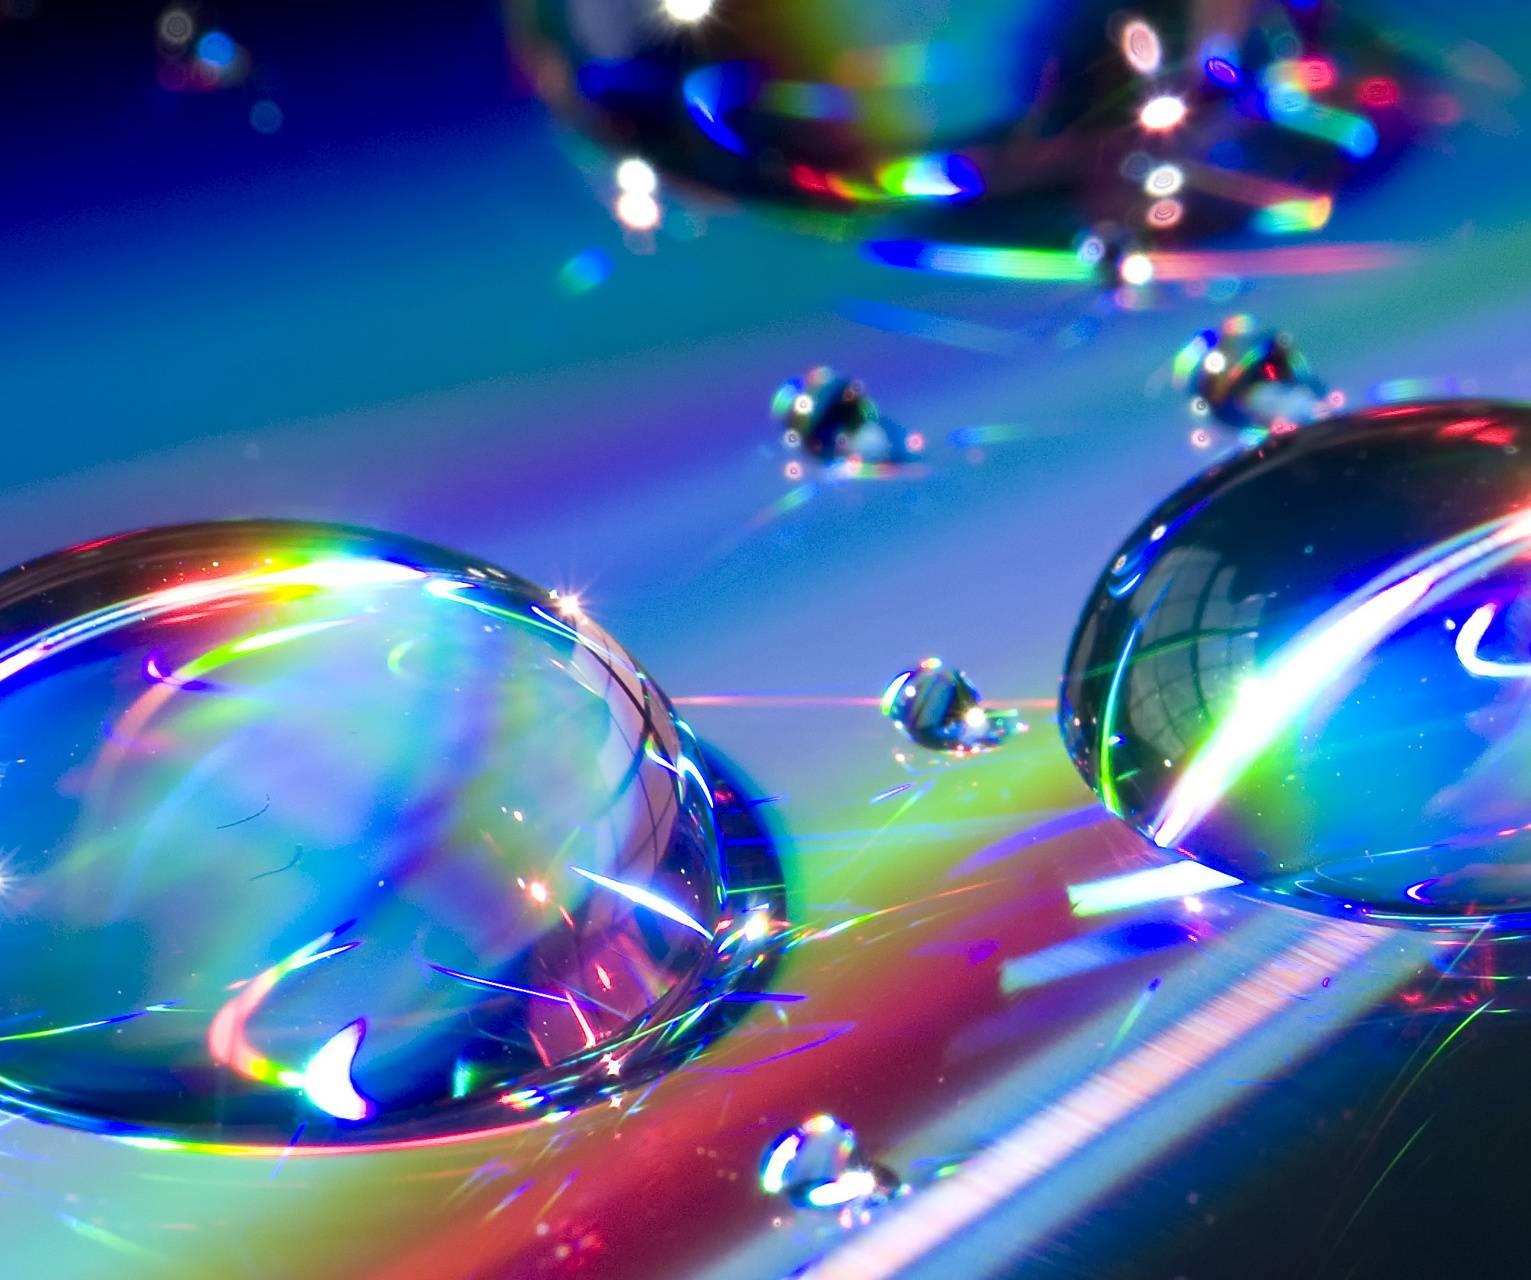 Prism Droplets